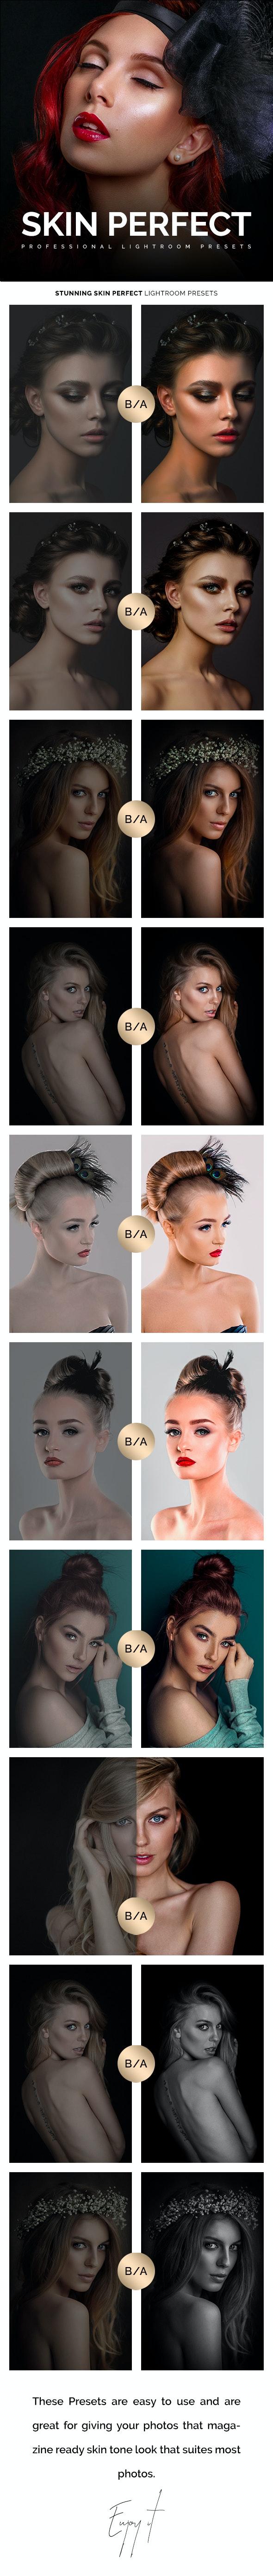 Professional Skin Perfect Lightroom Presets - Portrait Lightroom Presets